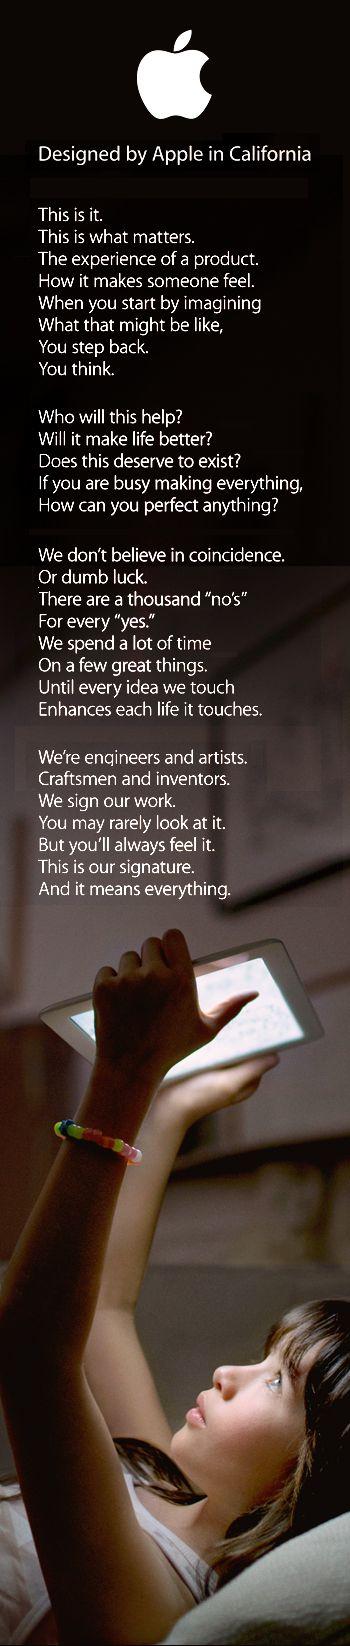 Apple - Designed by Apple in California - The post-Steve Jobs Apple brand manifesto